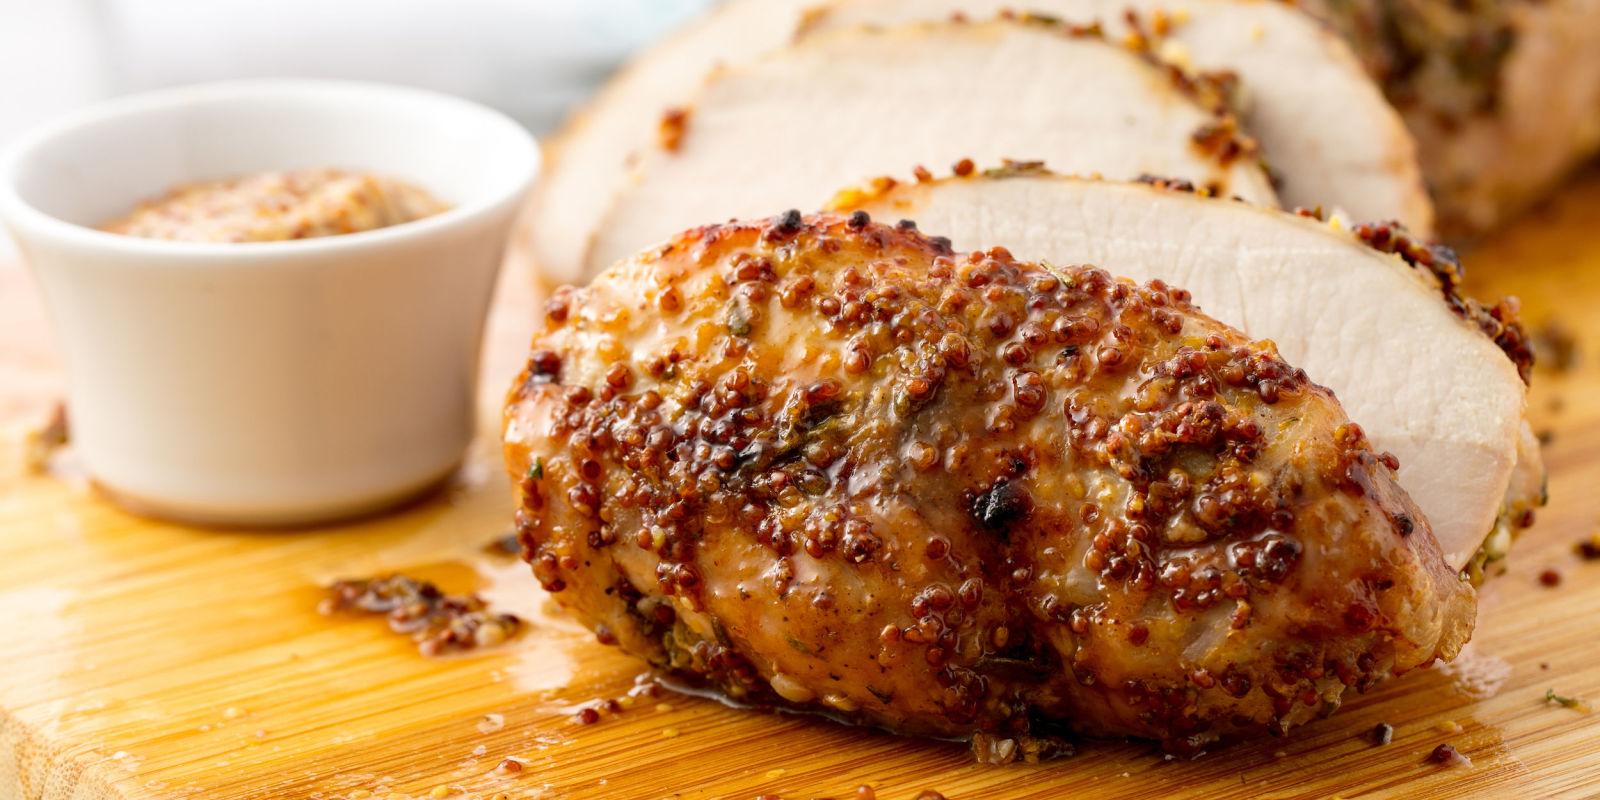 Best Boneless Pork Loin Roast Recipe How To Cook An Oven